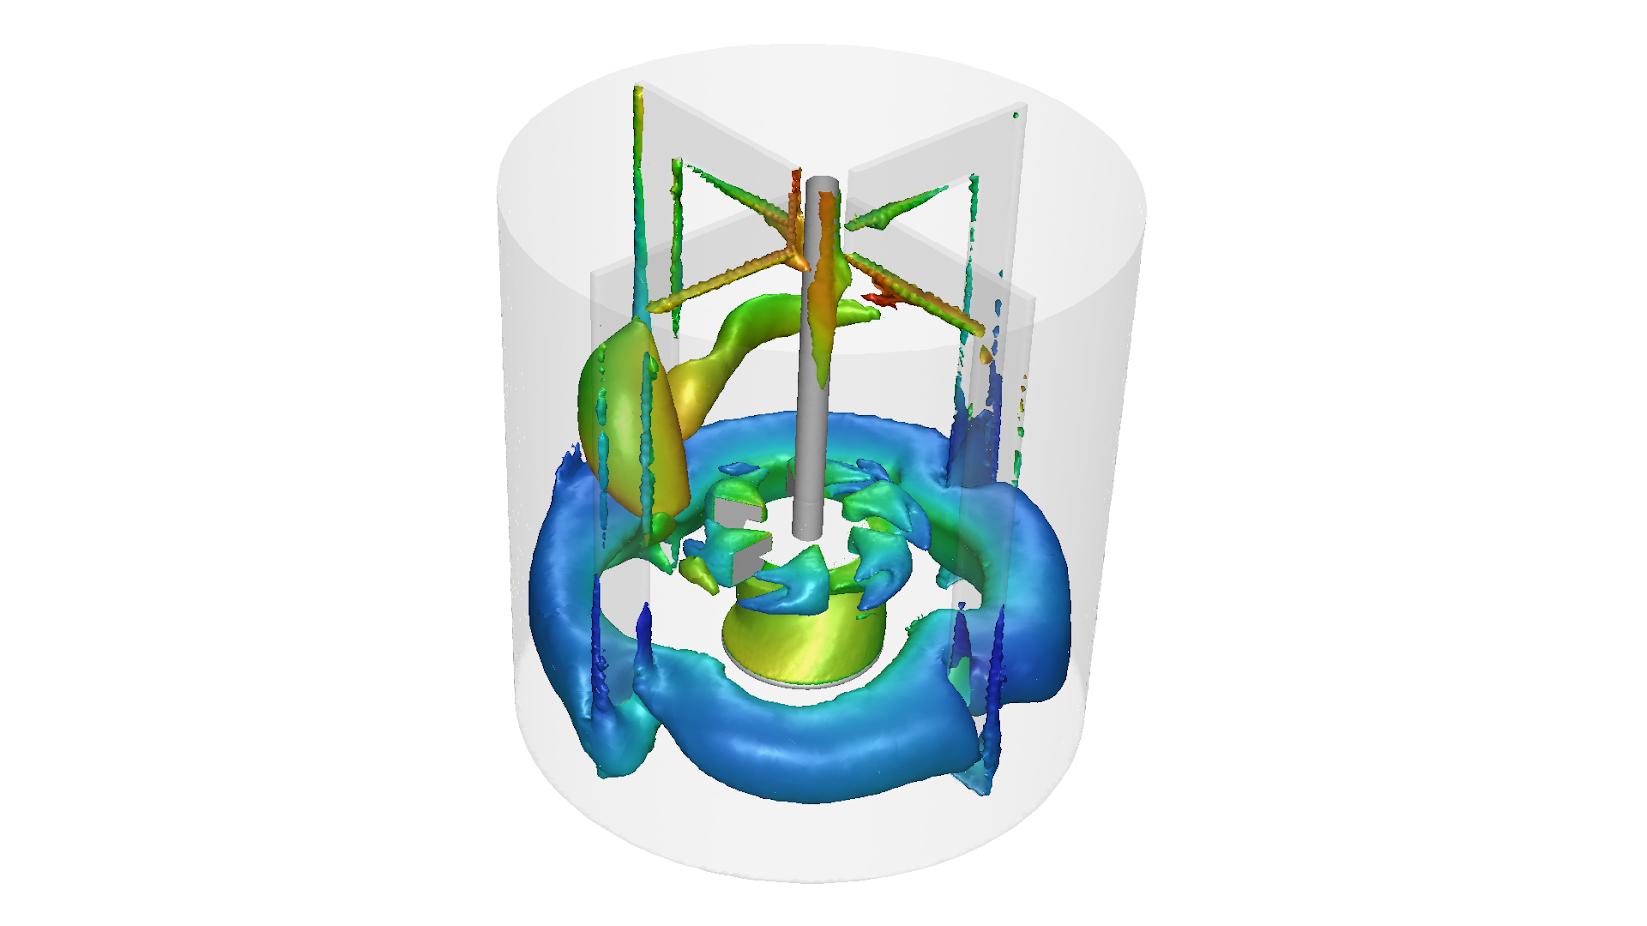 ANSYS | Изоповерхности, показывающие области с одинаковым значением объемной доли газа. Цветом показан средний размеров пузырьков